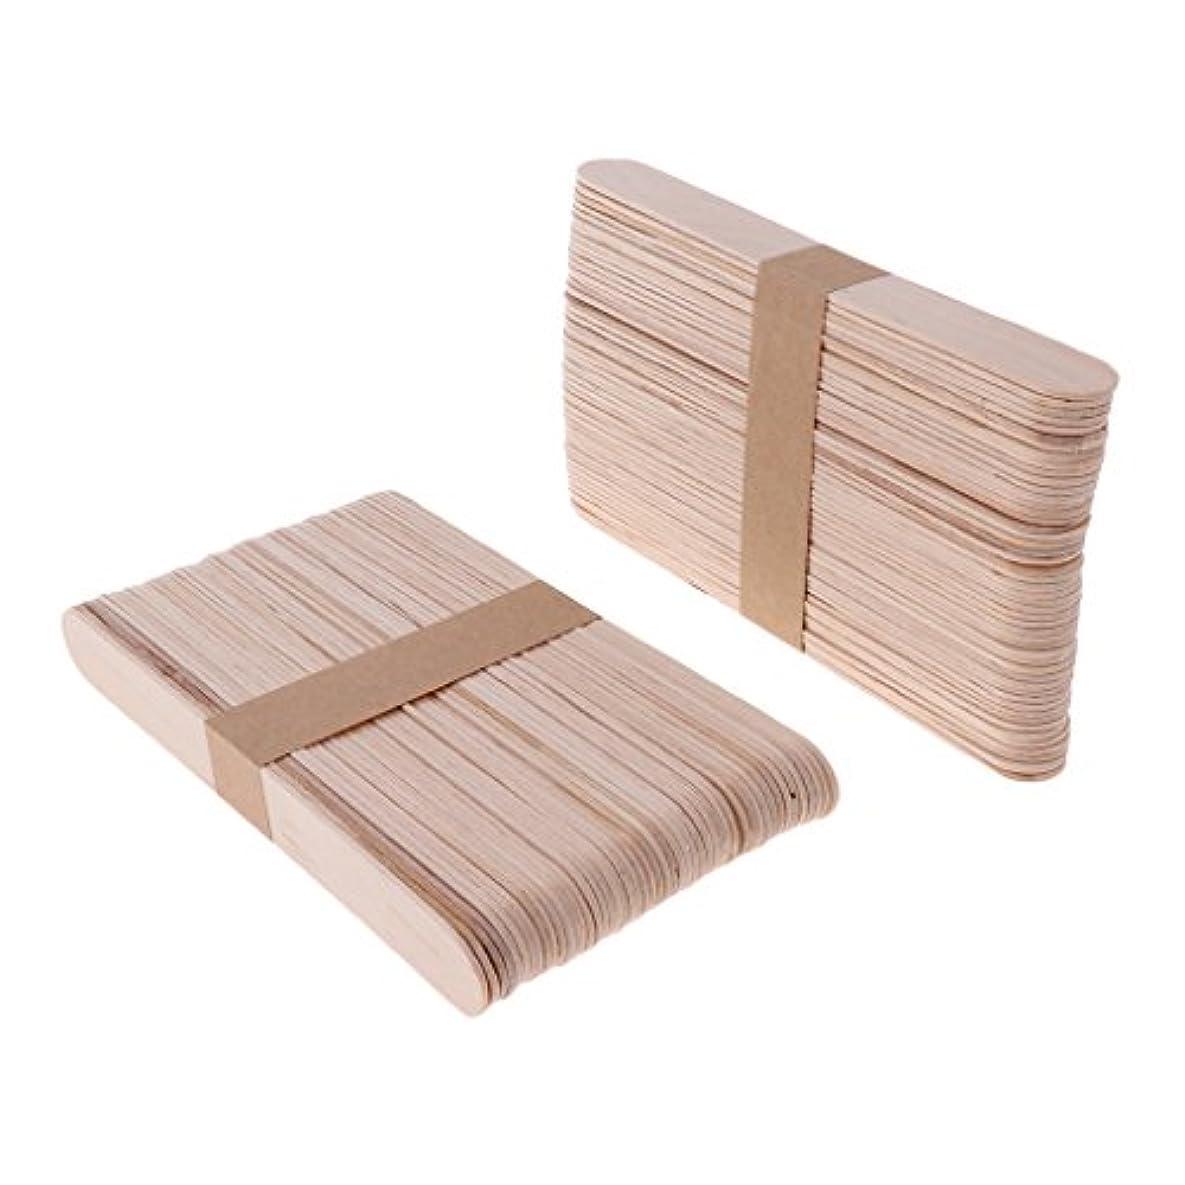 ペックスキャンダルロゴ木材スティック 脱毛 ワックス用 体毛除去 ウッド ワックススパチュラ 便利 200個 2サイズ - L